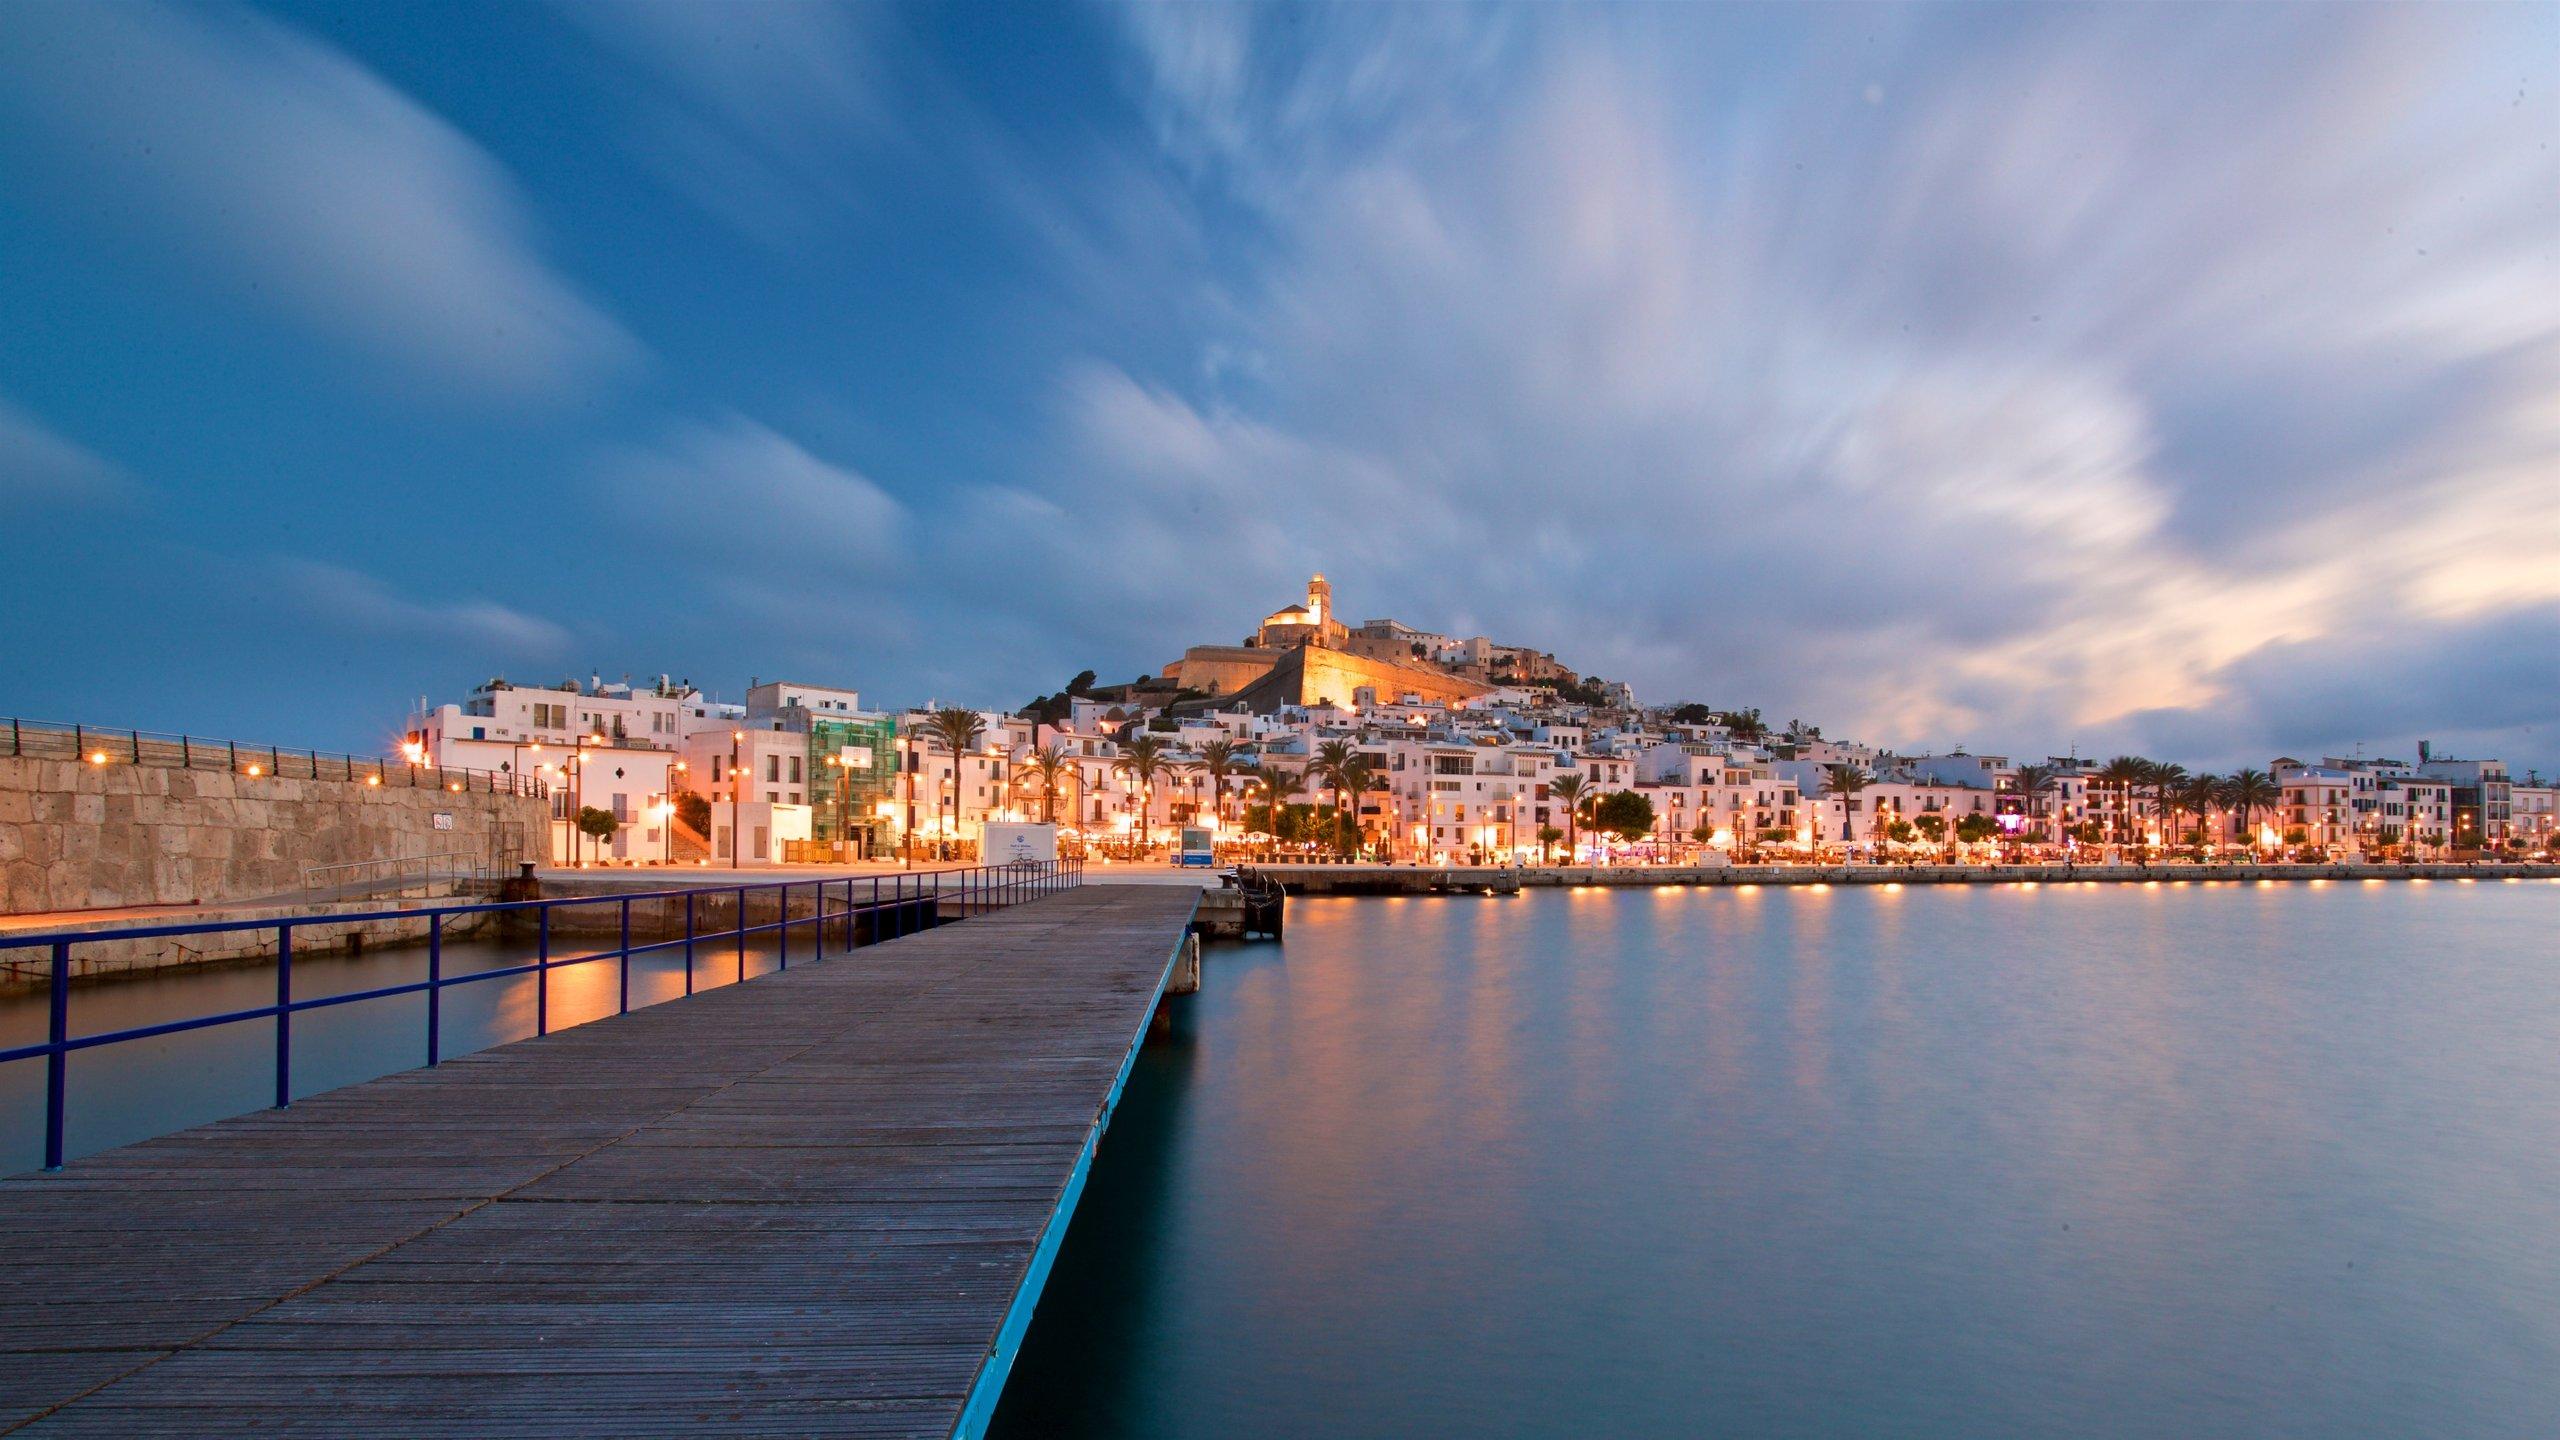 Descubre la historia de Ciudad de Ibiza desde uno de sus puntos más visitados: Dalt Vila. Y, ya que estás aquí, ¿por qué no recorrer la bonita costa o salir de bares?